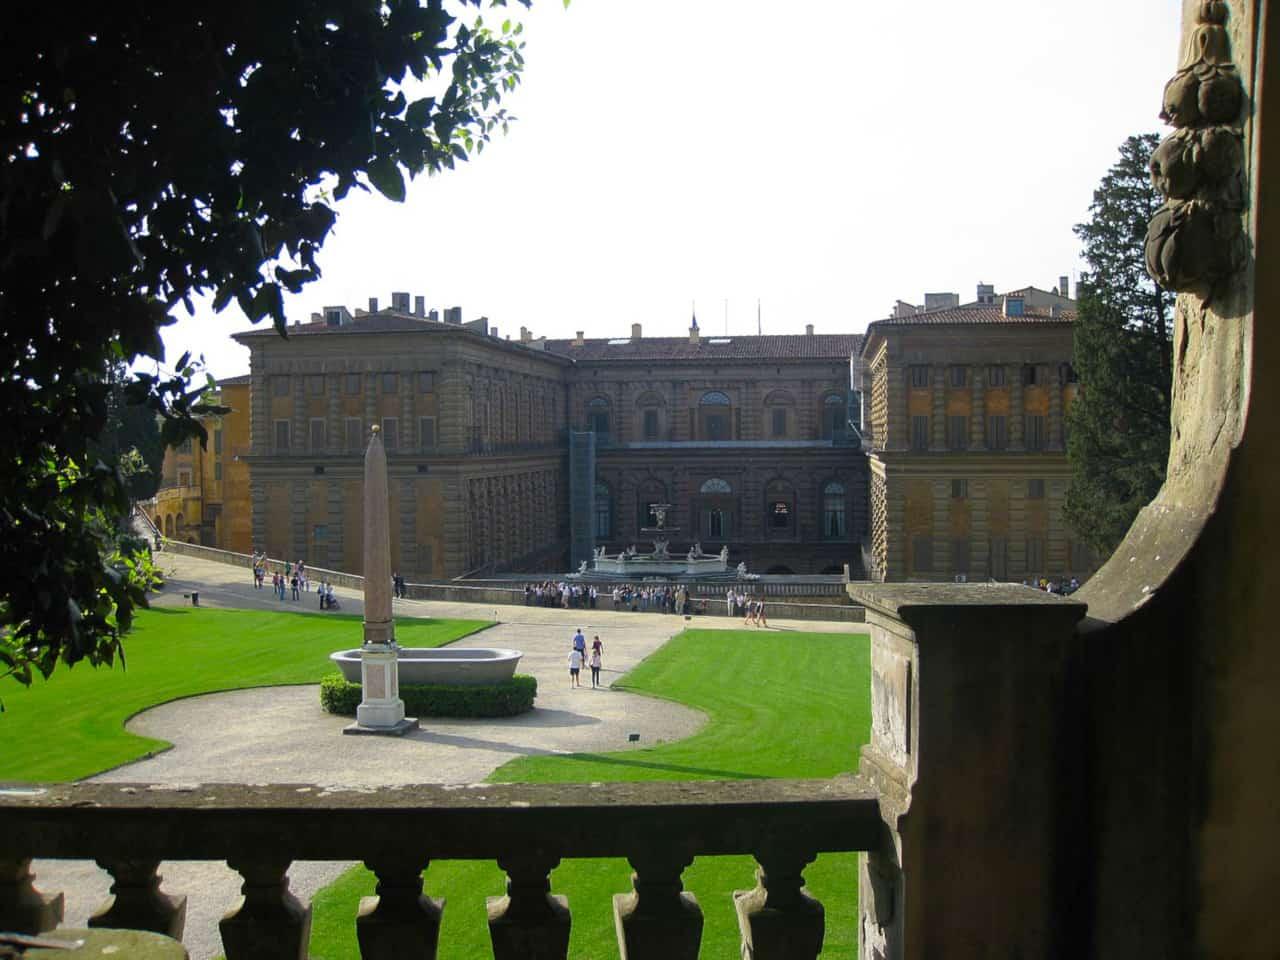 dpcm covid musei